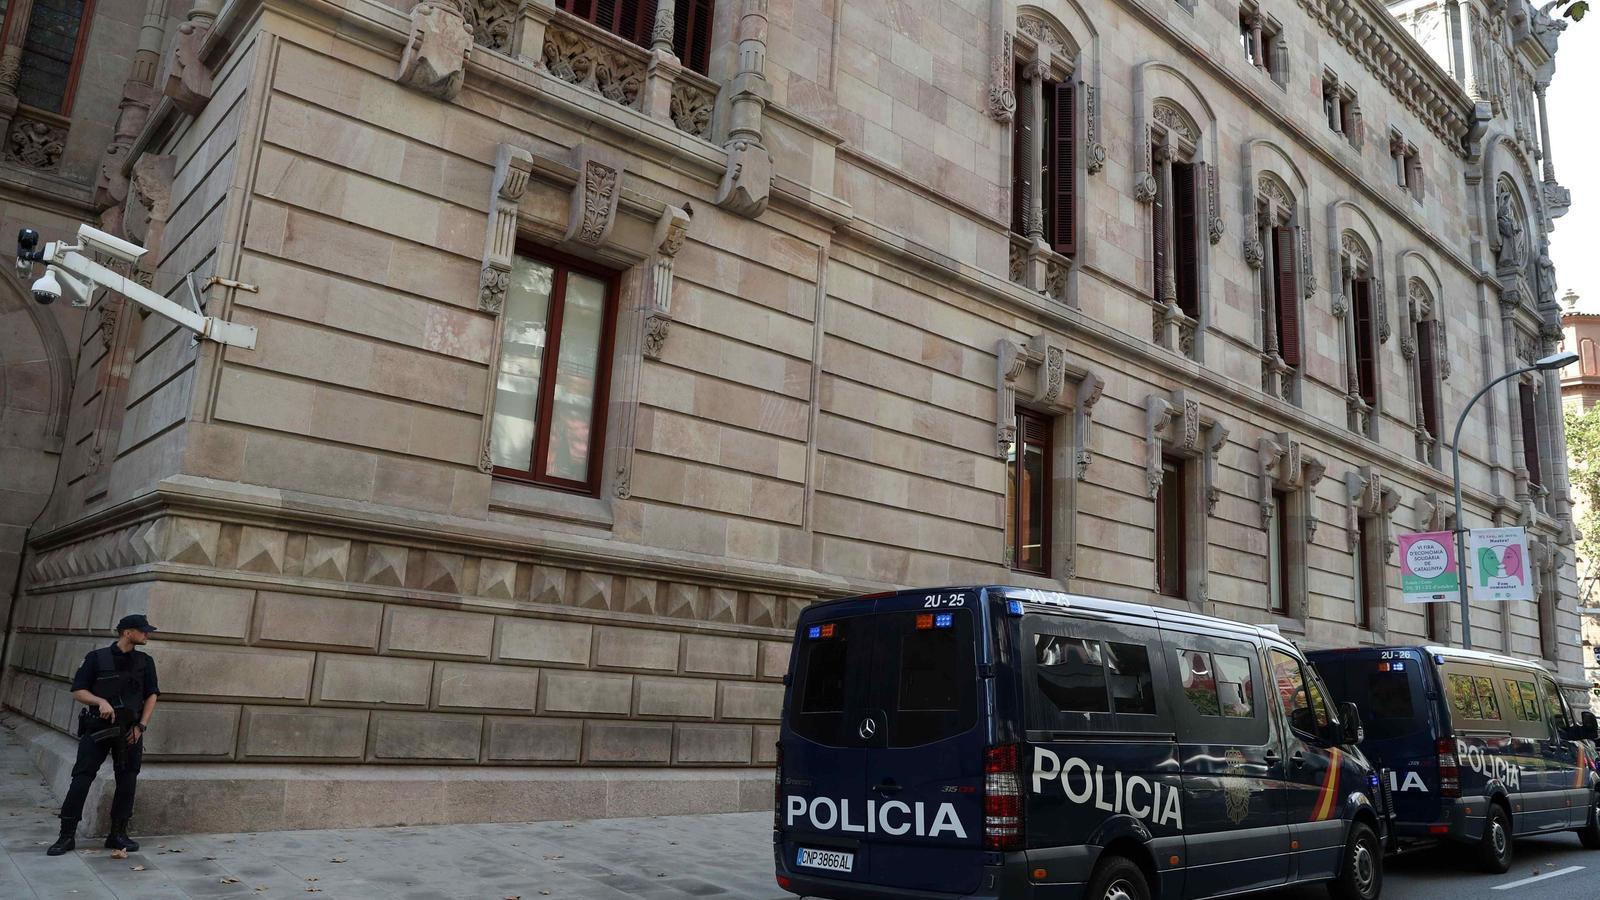 La Policia Nacional espanyola ha assumit aquest matí la vigilància del TSJC